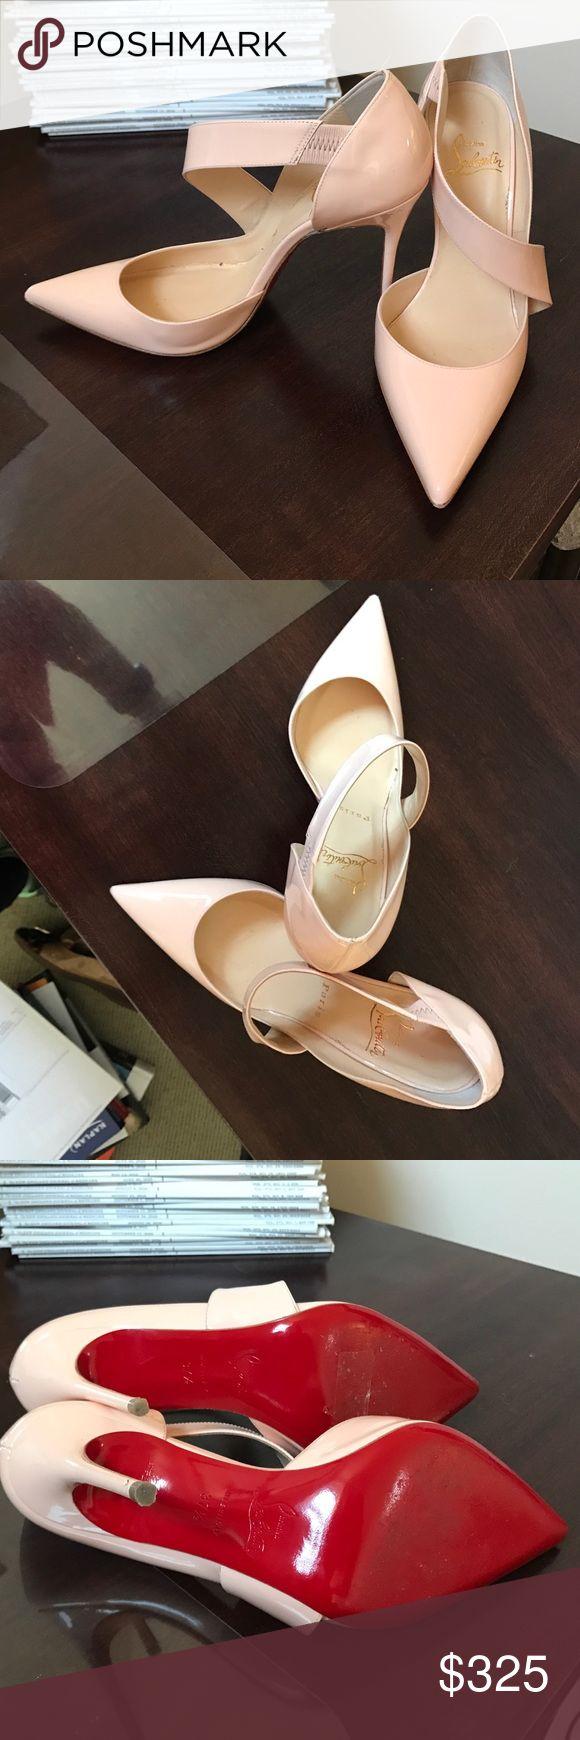 Christian Louboutin pumps Christian Louboutin pumps in light pink. Lightly worn. Christian Louboutin Shoes Heels